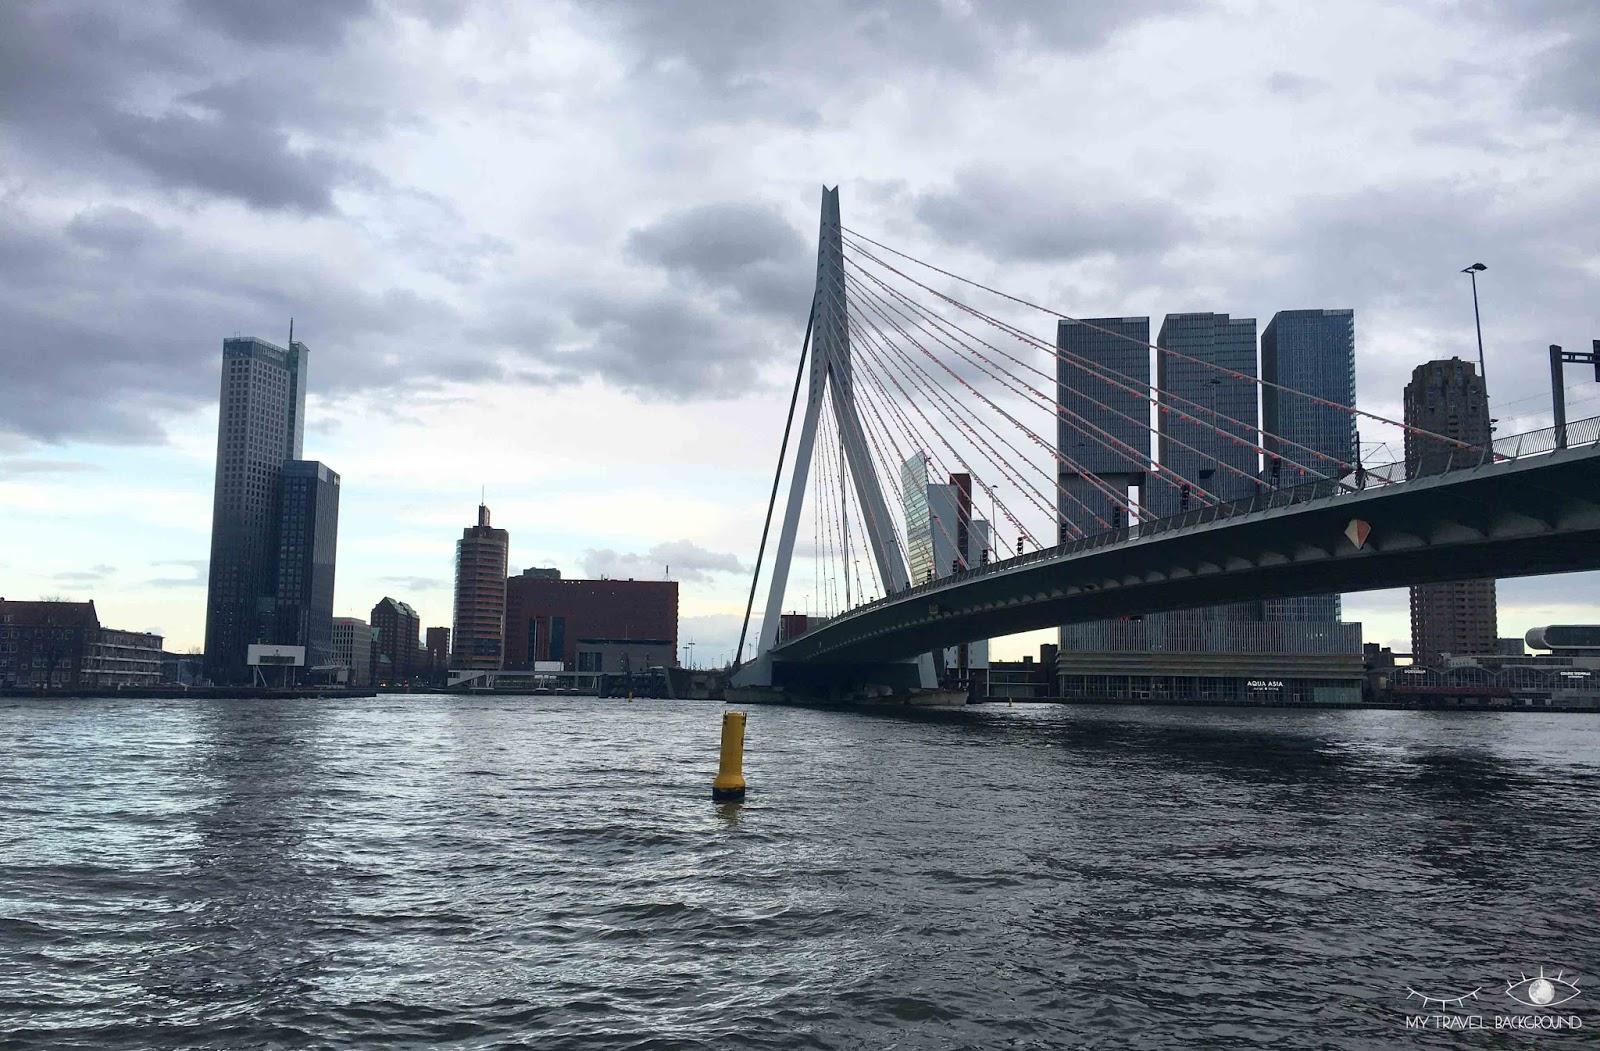 My Travel Background : pourquoi je suis tombée amoureuse de Rotterdam - Erasme